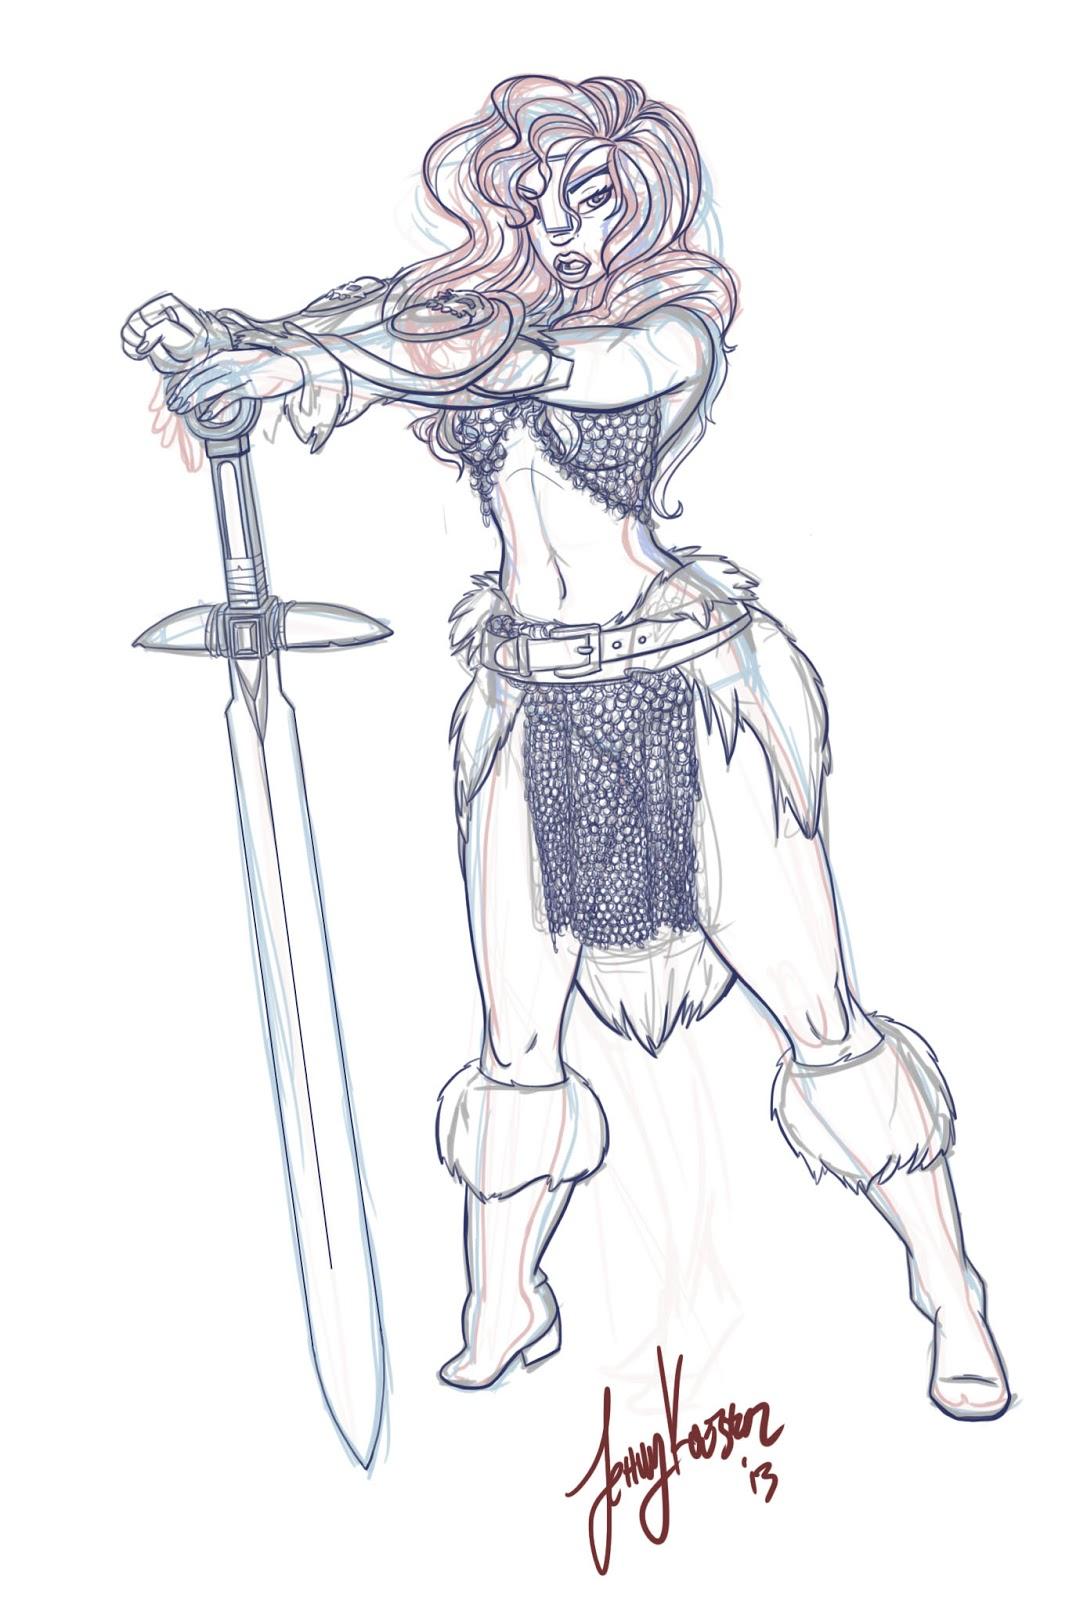 Hetai warrior sketch sex images